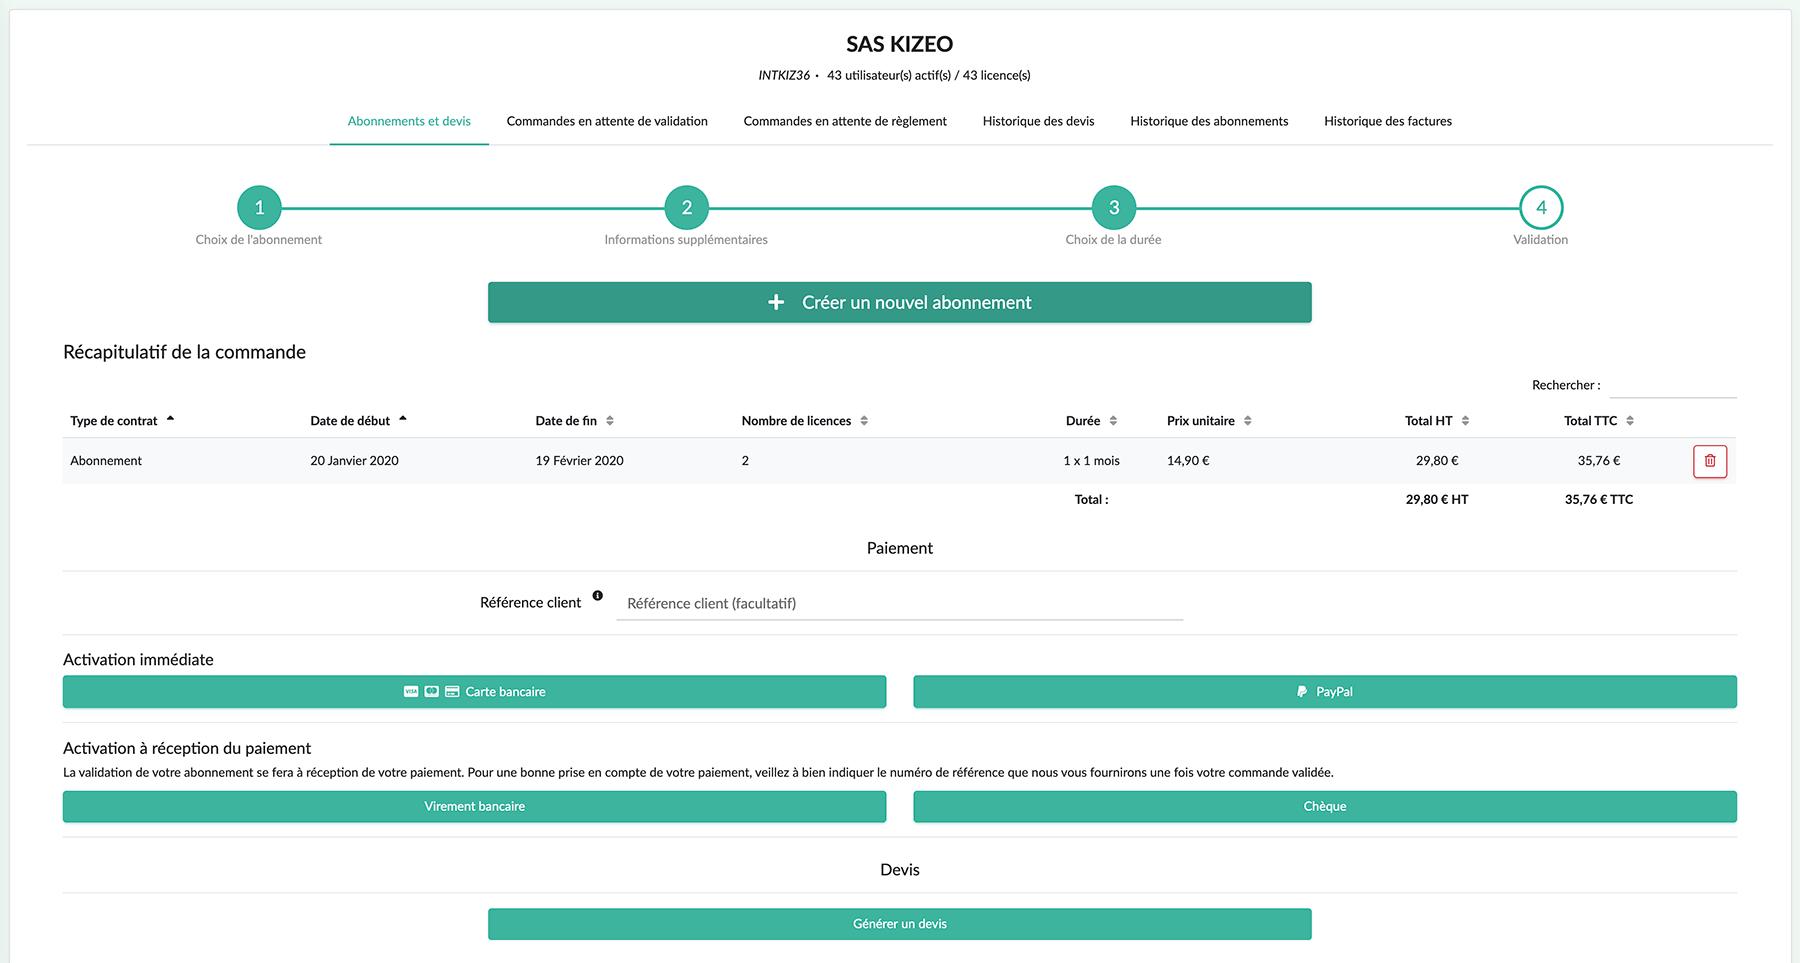 Sélectionnez votre moyen de paiement afin d'activer votre nouvel abonnement Kizeo Forms